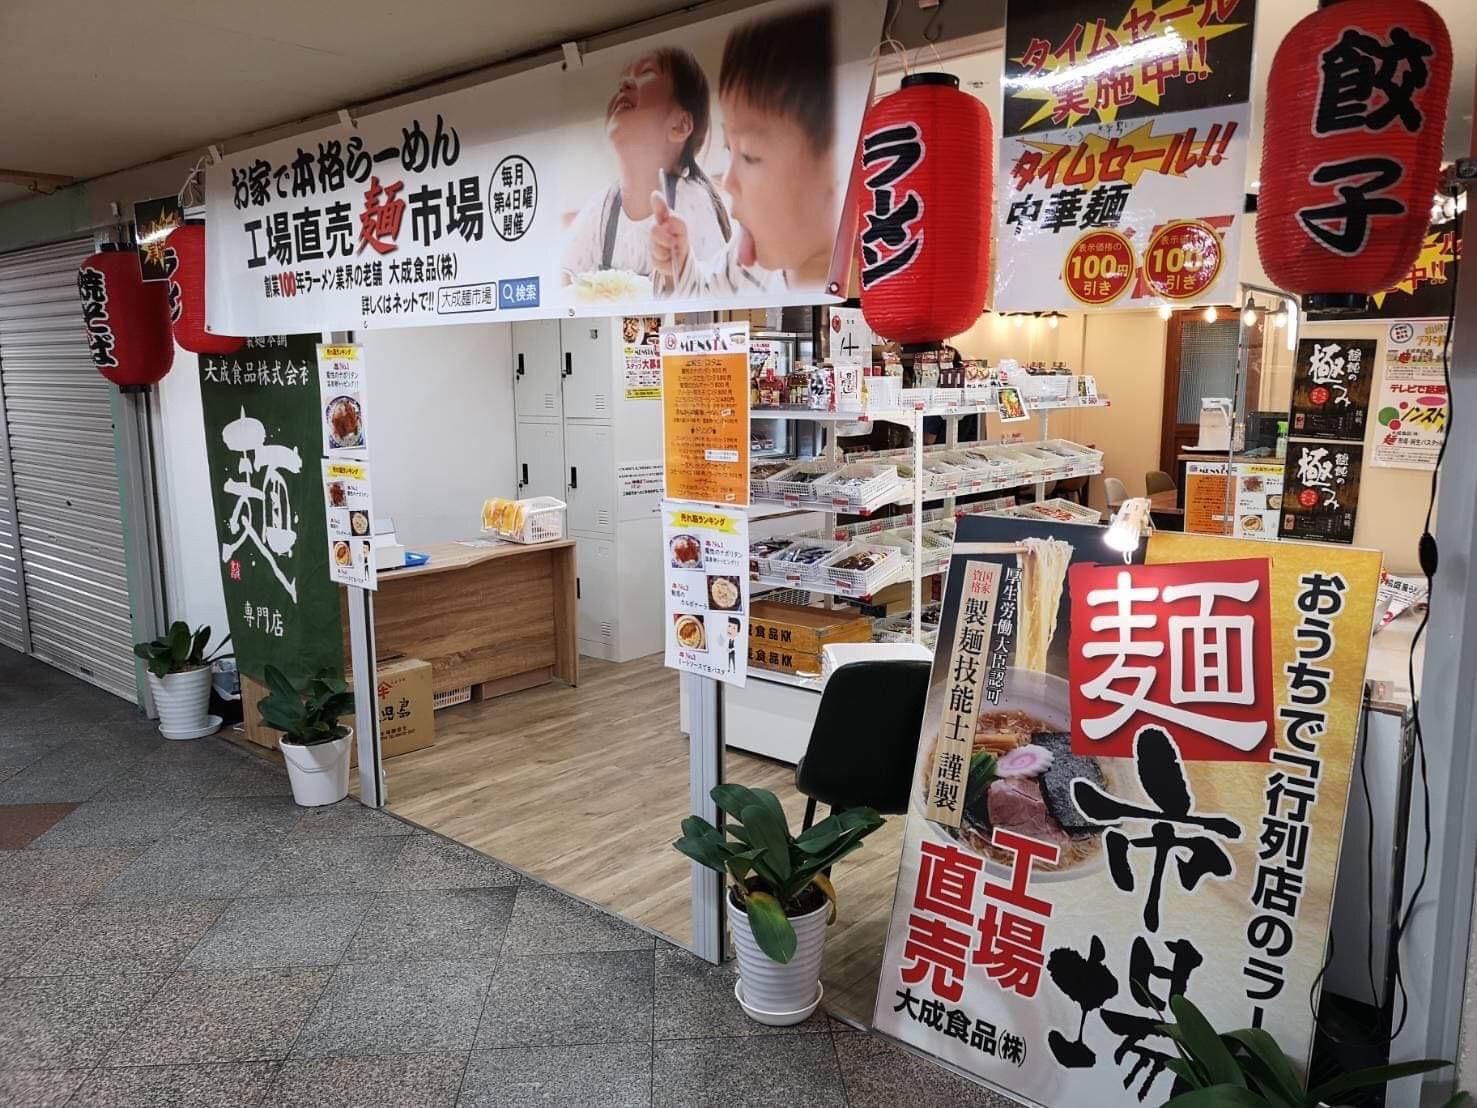 麺テイスティング・カフェショップ MENSTAチラシ9月下旬店頭風景